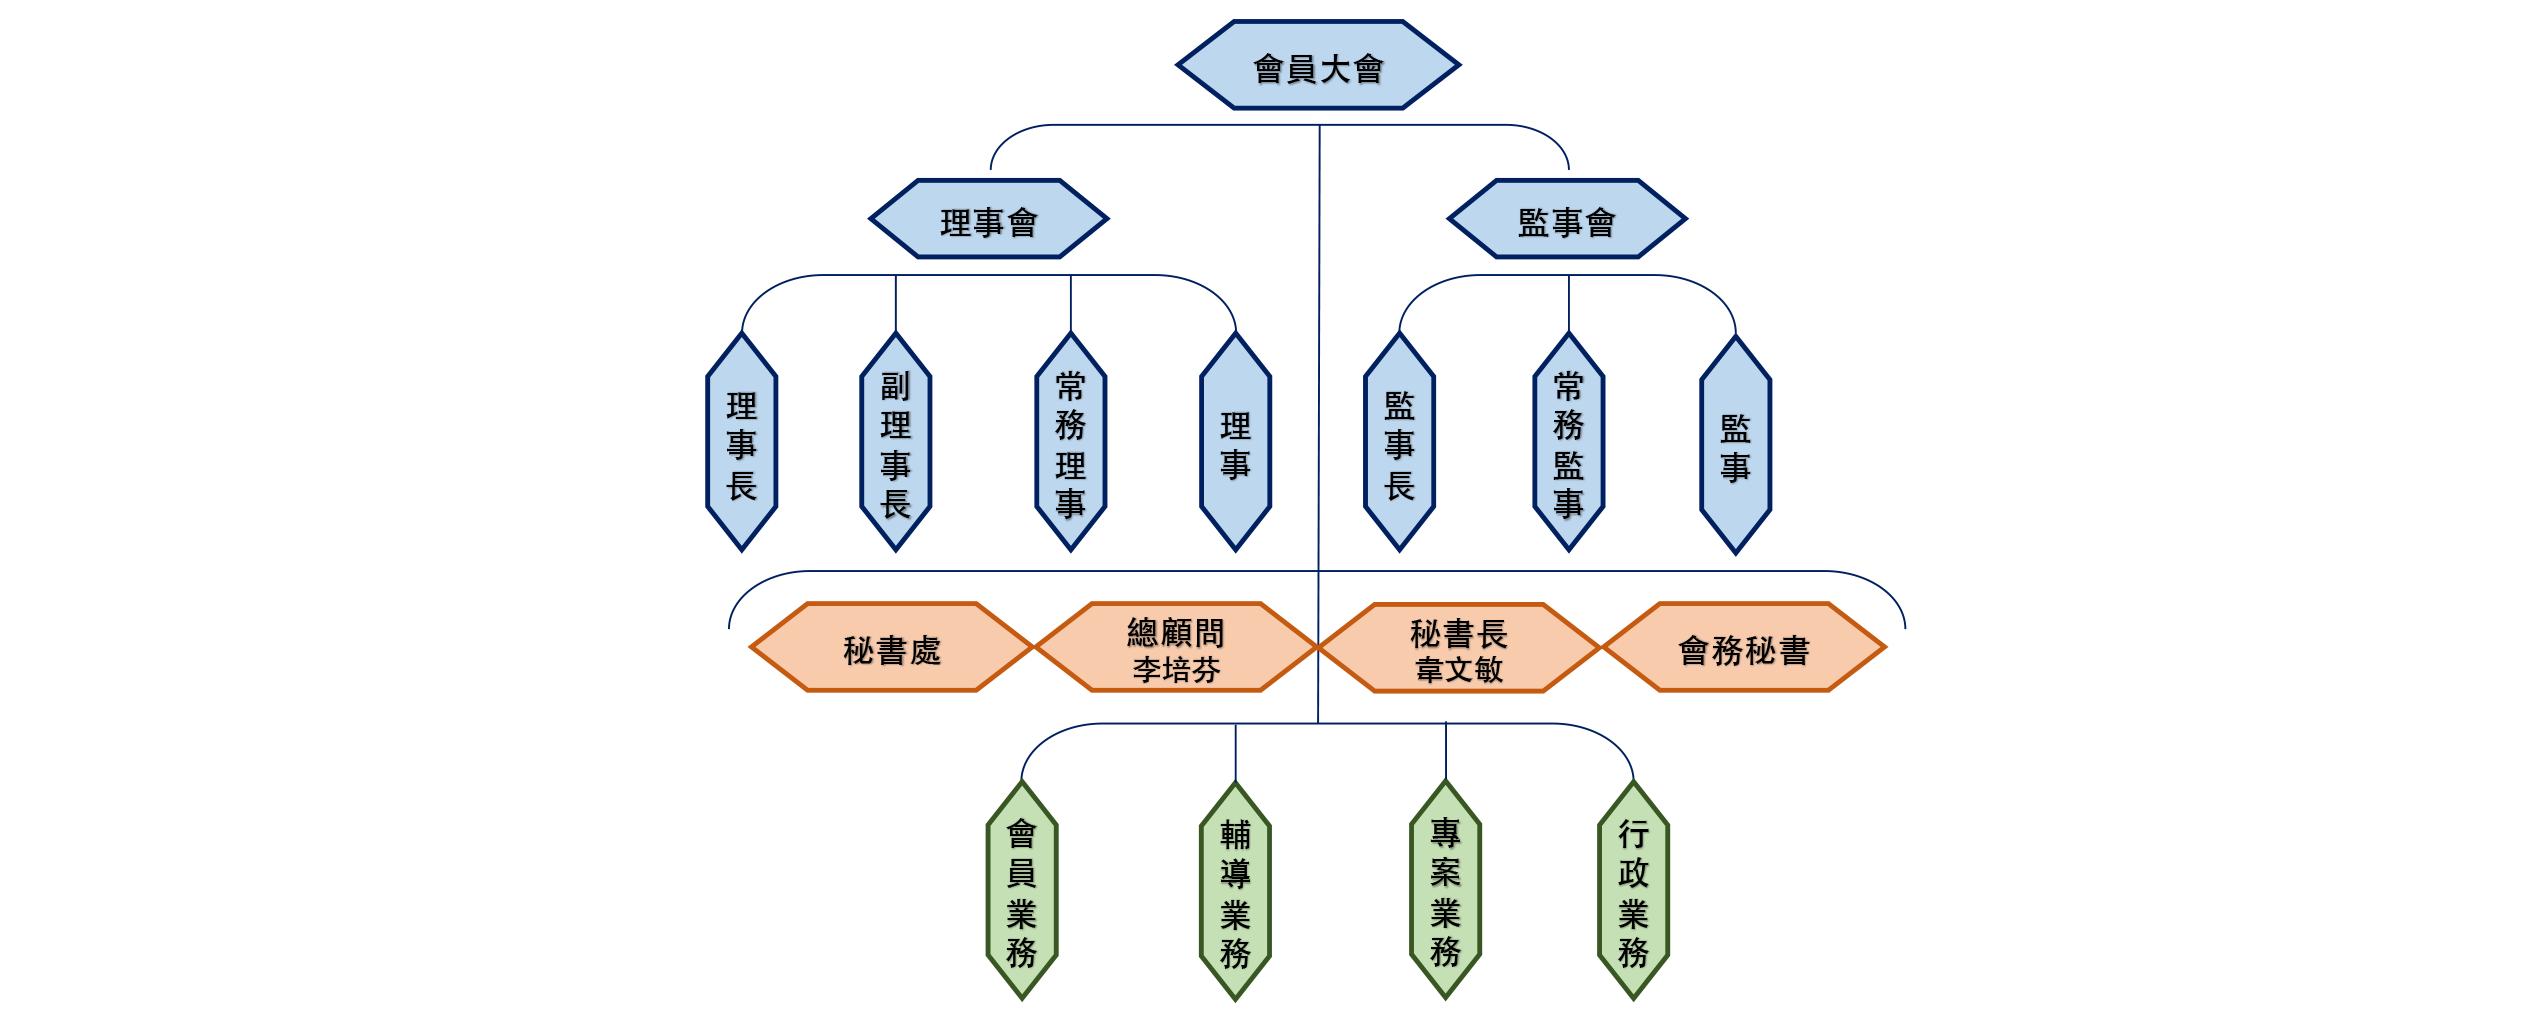 台灣服協組織架構圖